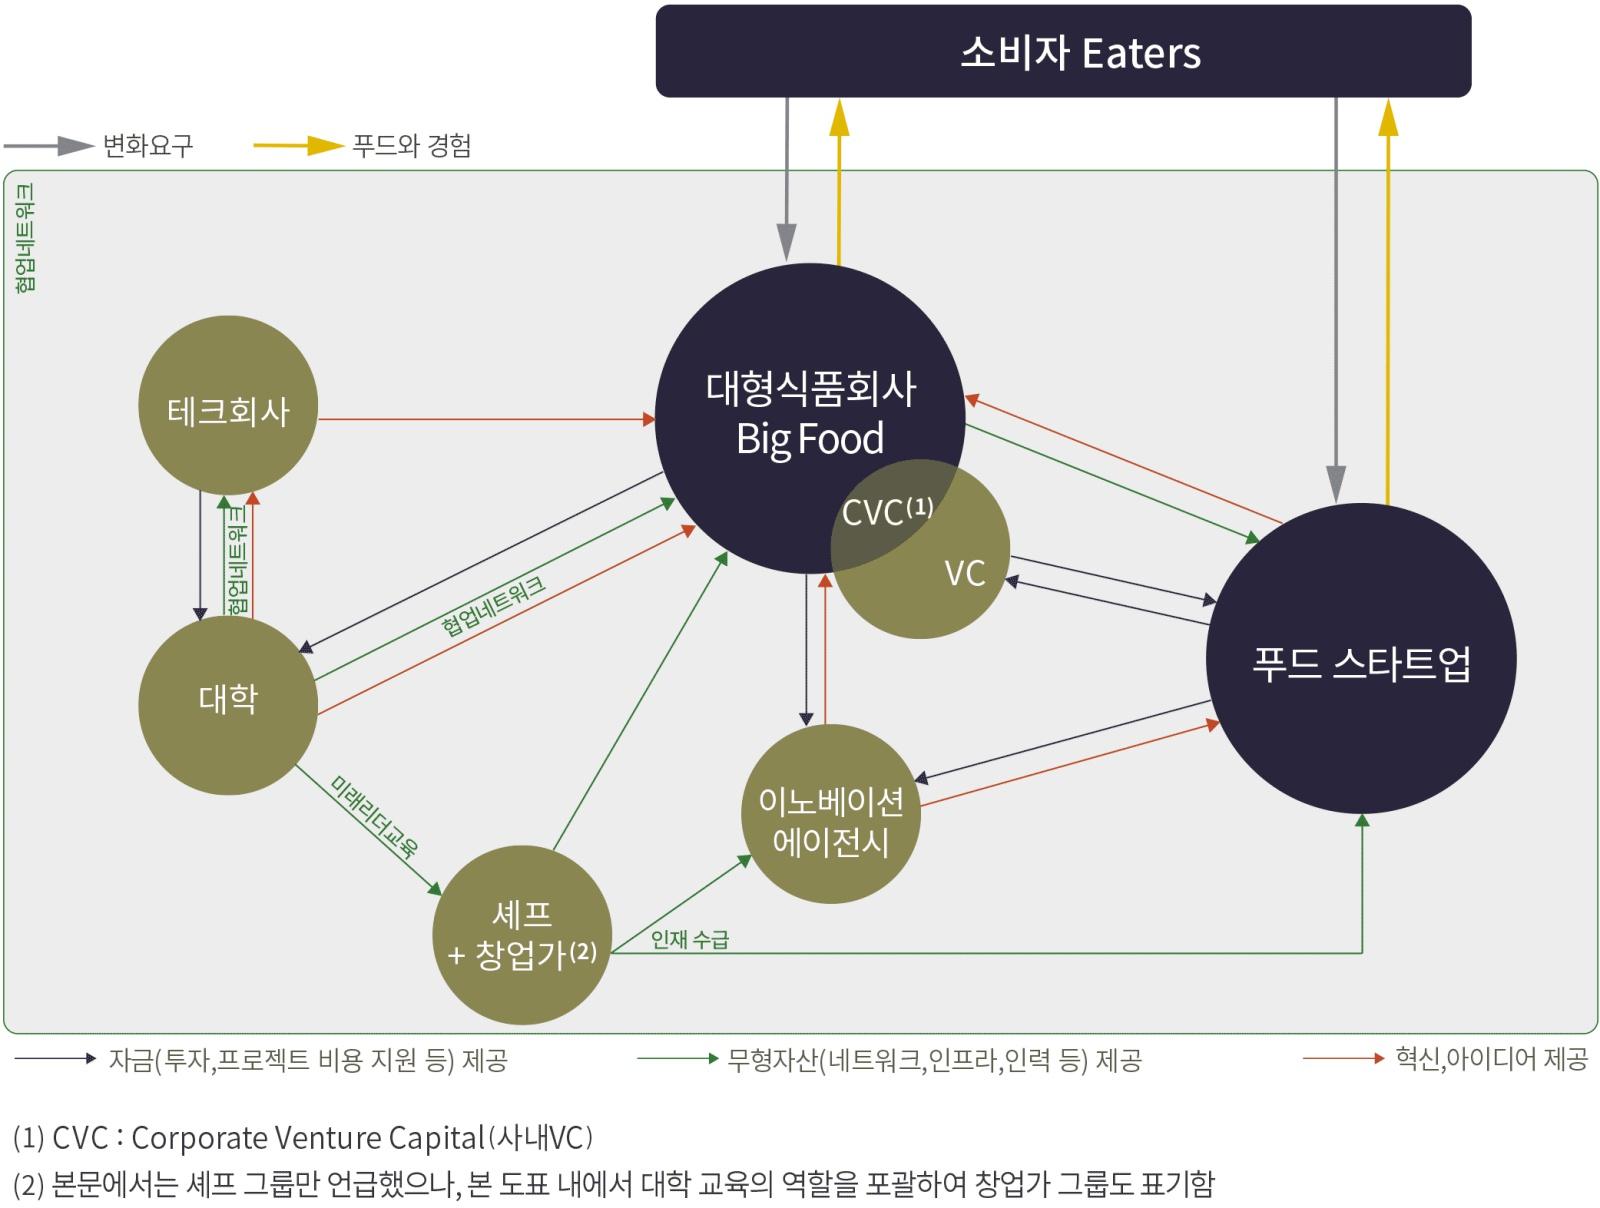 푸드 산업을 구성하는 주요 주체 및 그들의 협업 관계 (그래픽: 김영미)